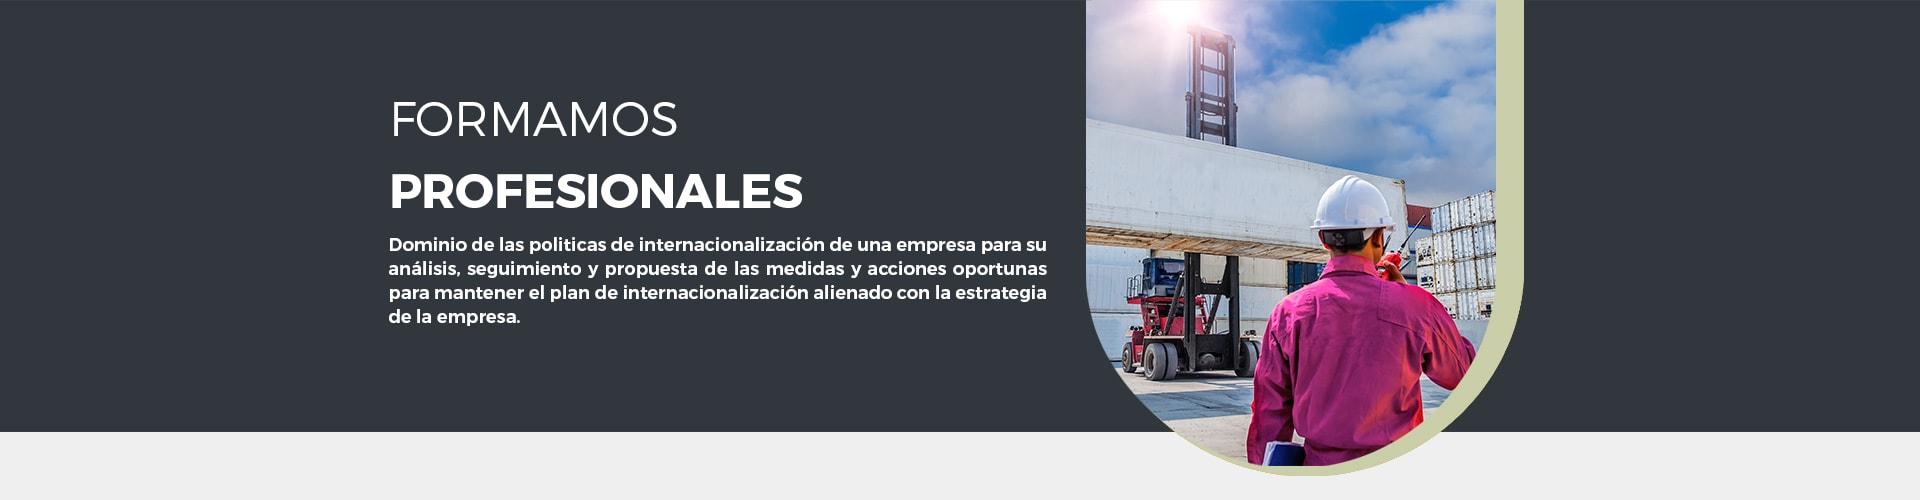 El master en comercio intenacional le ayudará a dominar las políticas de internacionalización de una empresa